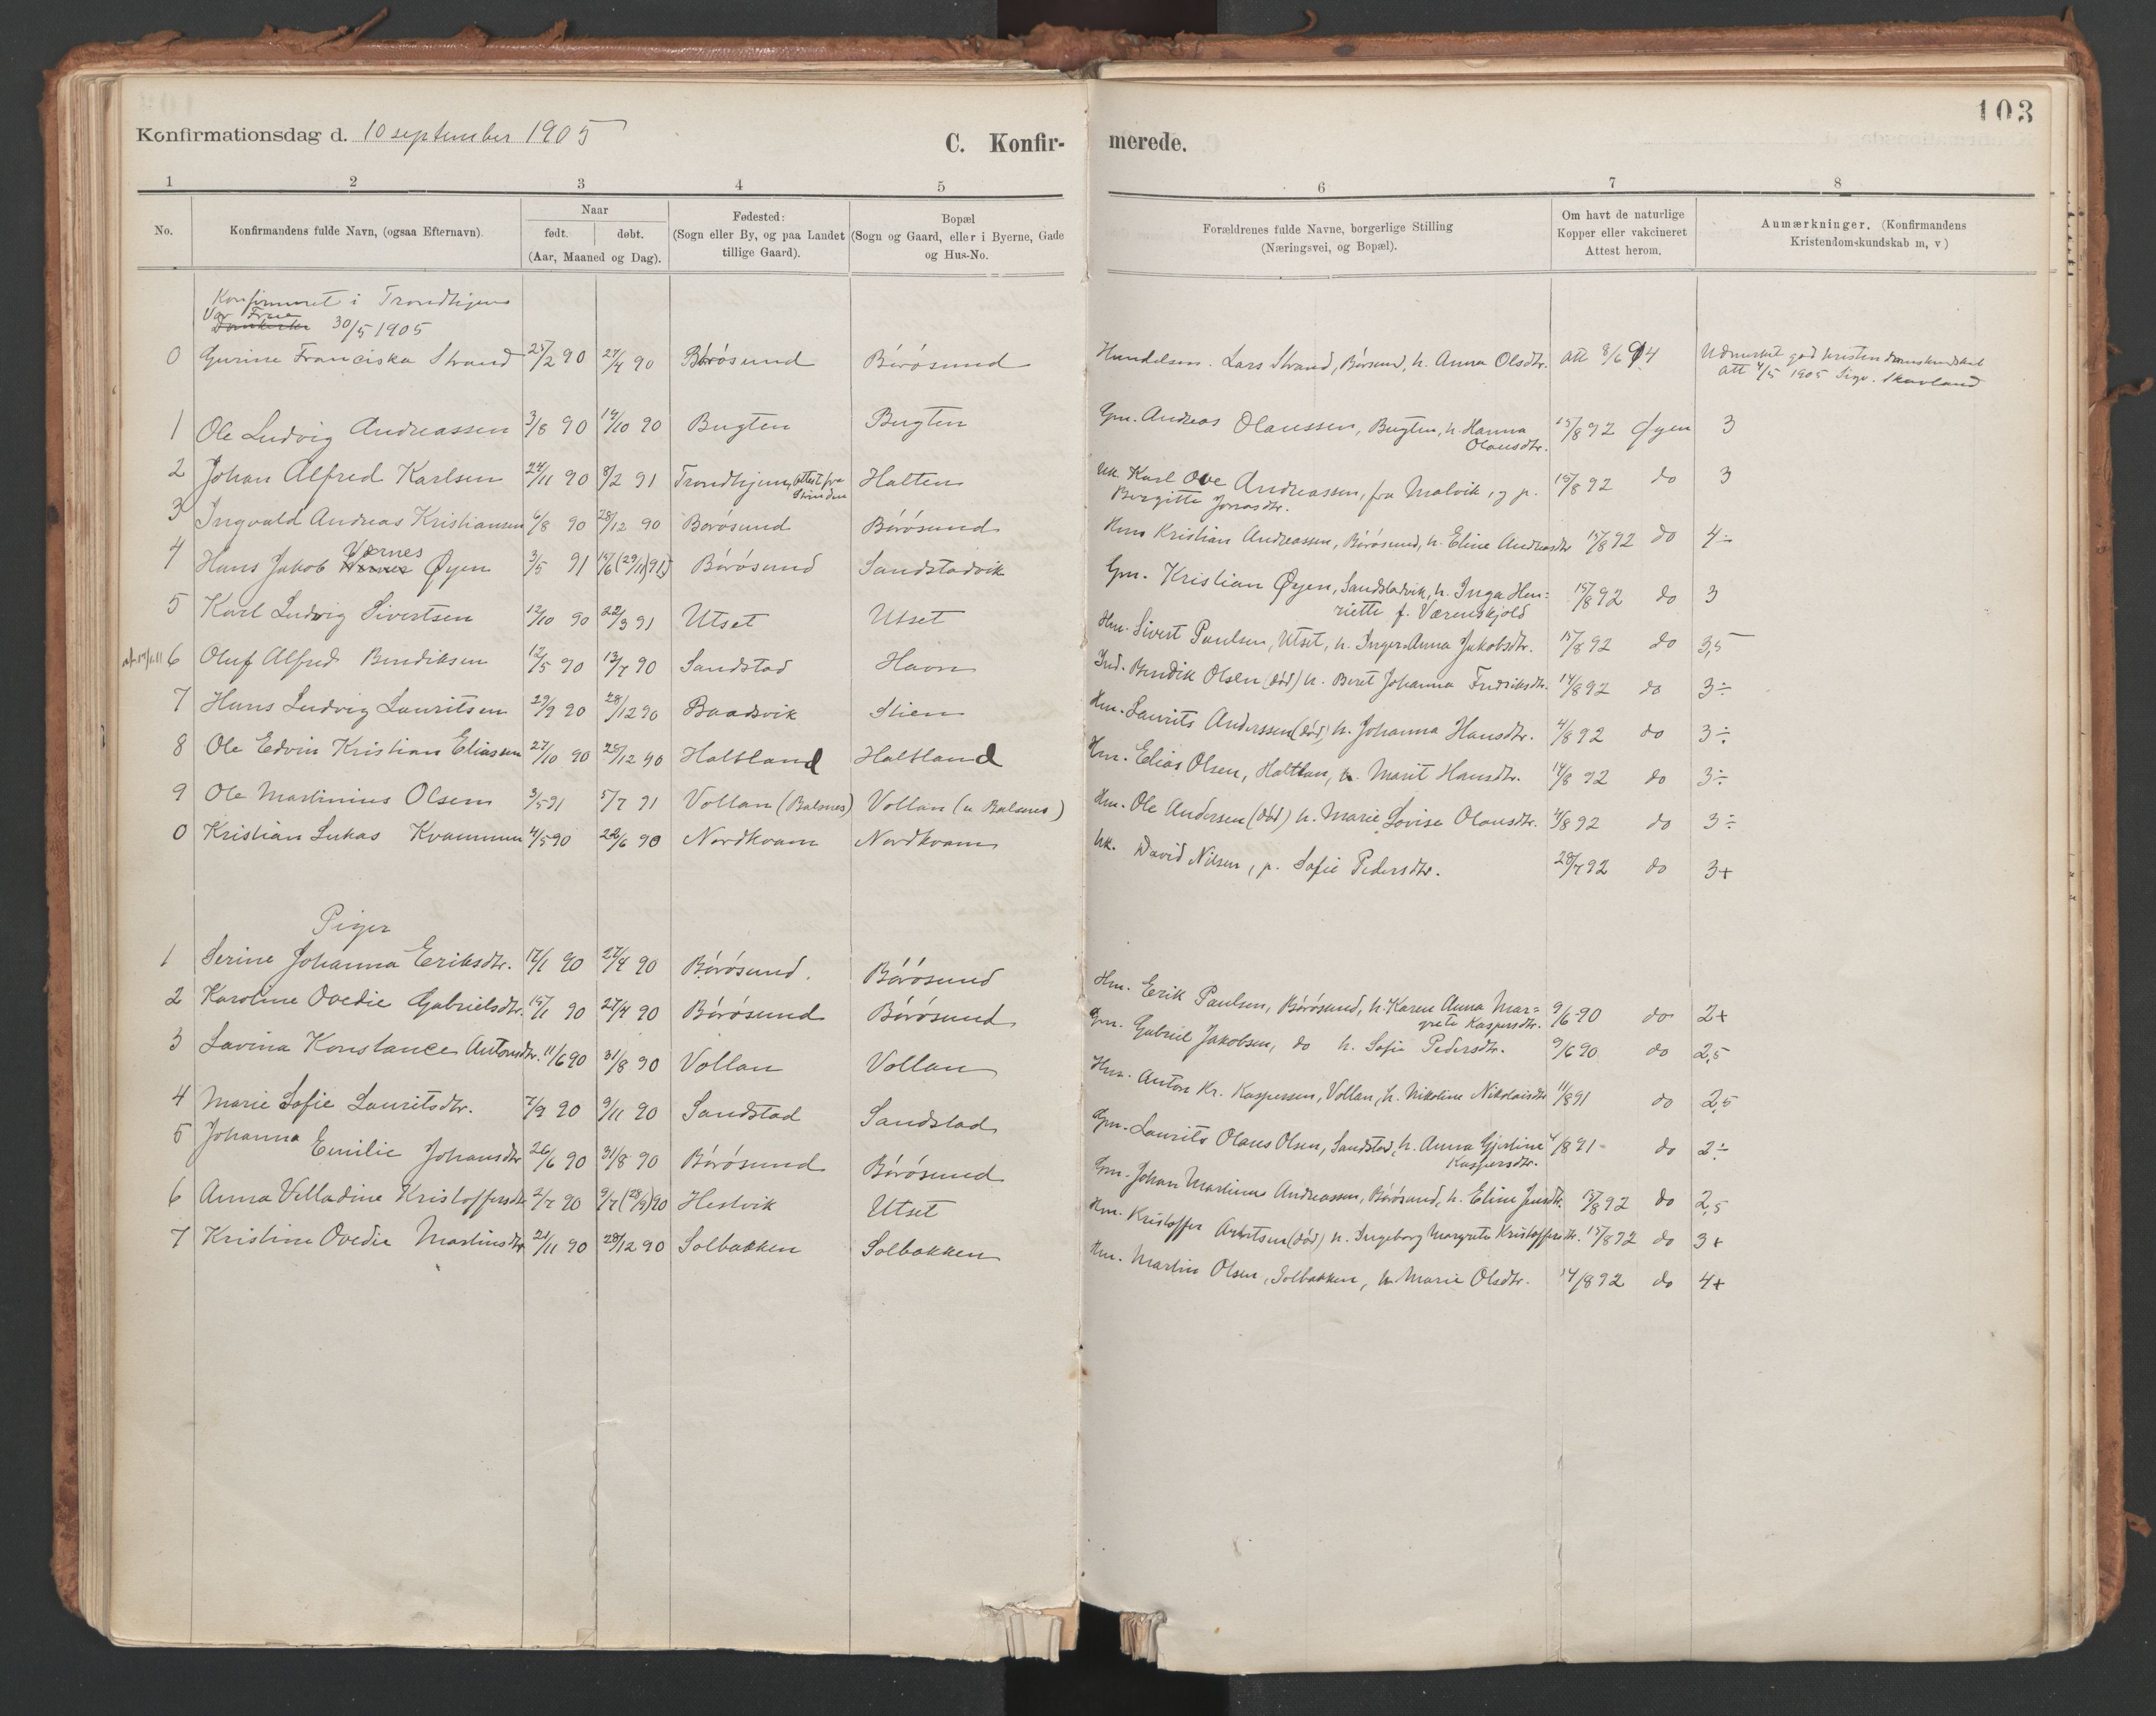 SAT, Ministerialprotokoller, klokkerbøker og fødselsregistre - Sør-Trøndelag, 639/L0572: Ministerialbok nr. 639A01, 1890-1920, s. 103